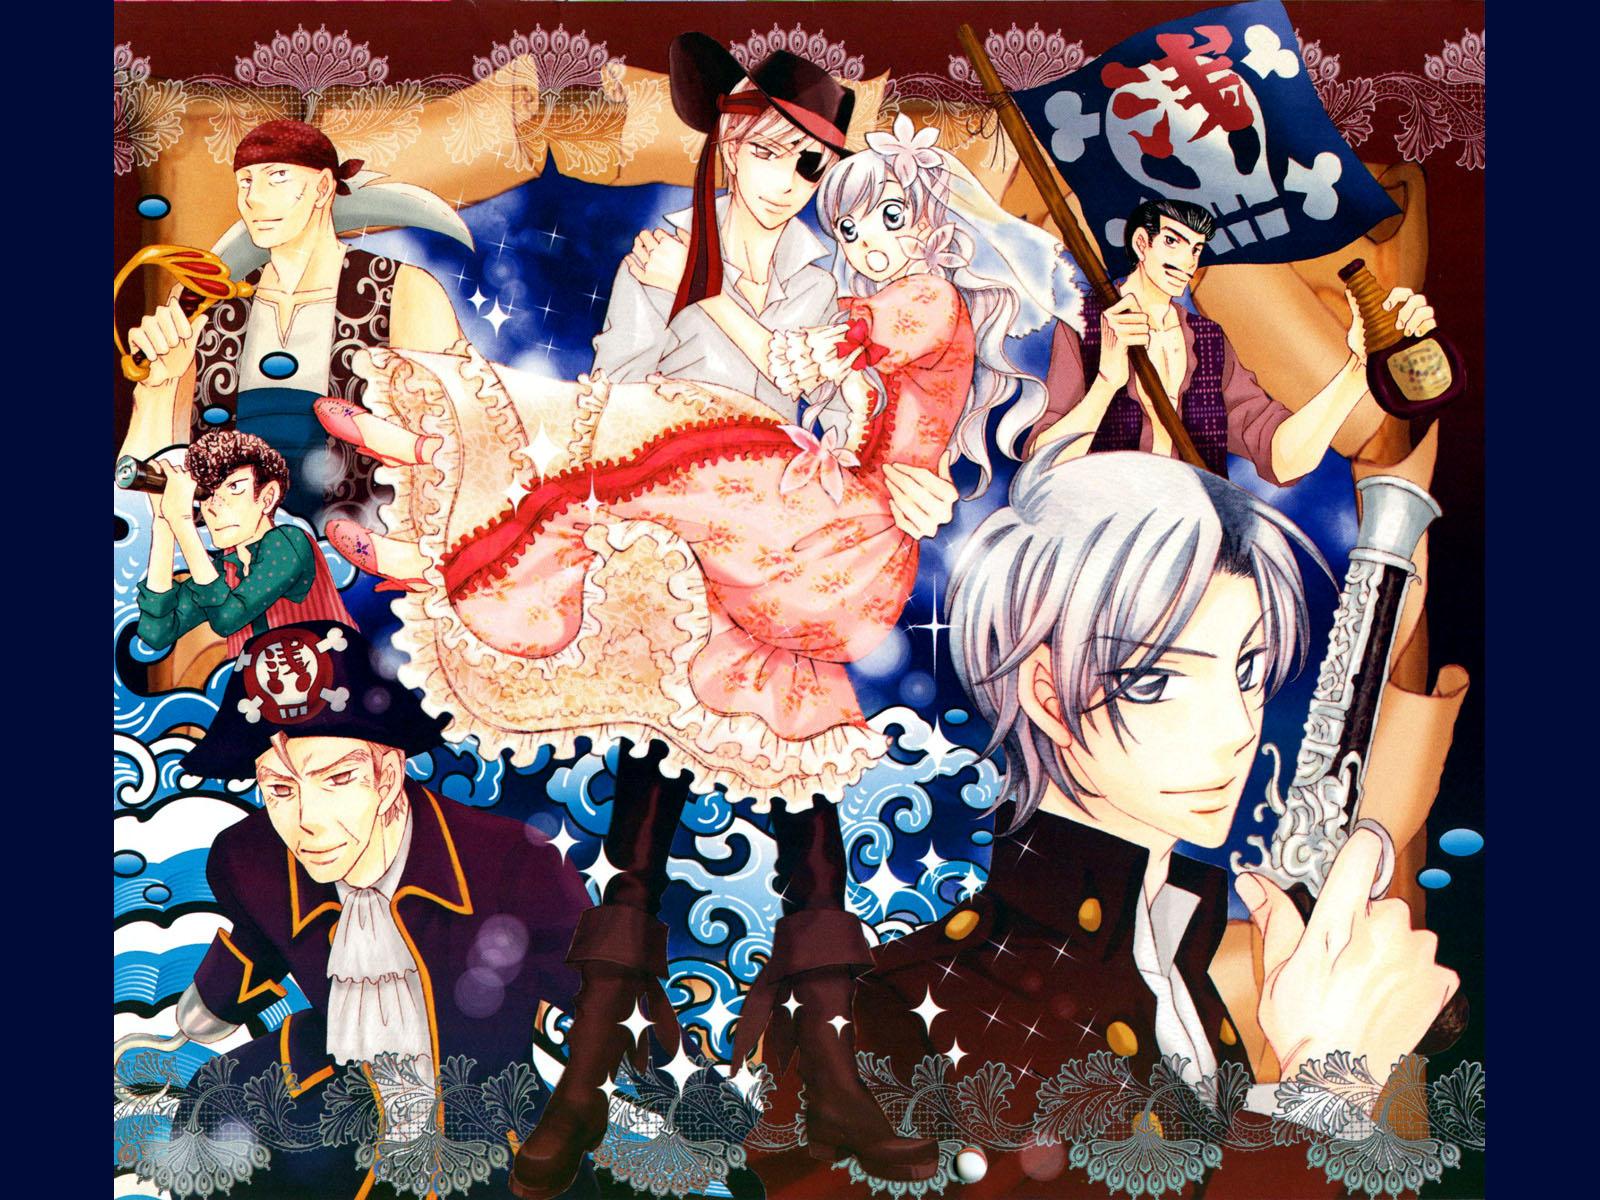 fushigi yugi wallpaper